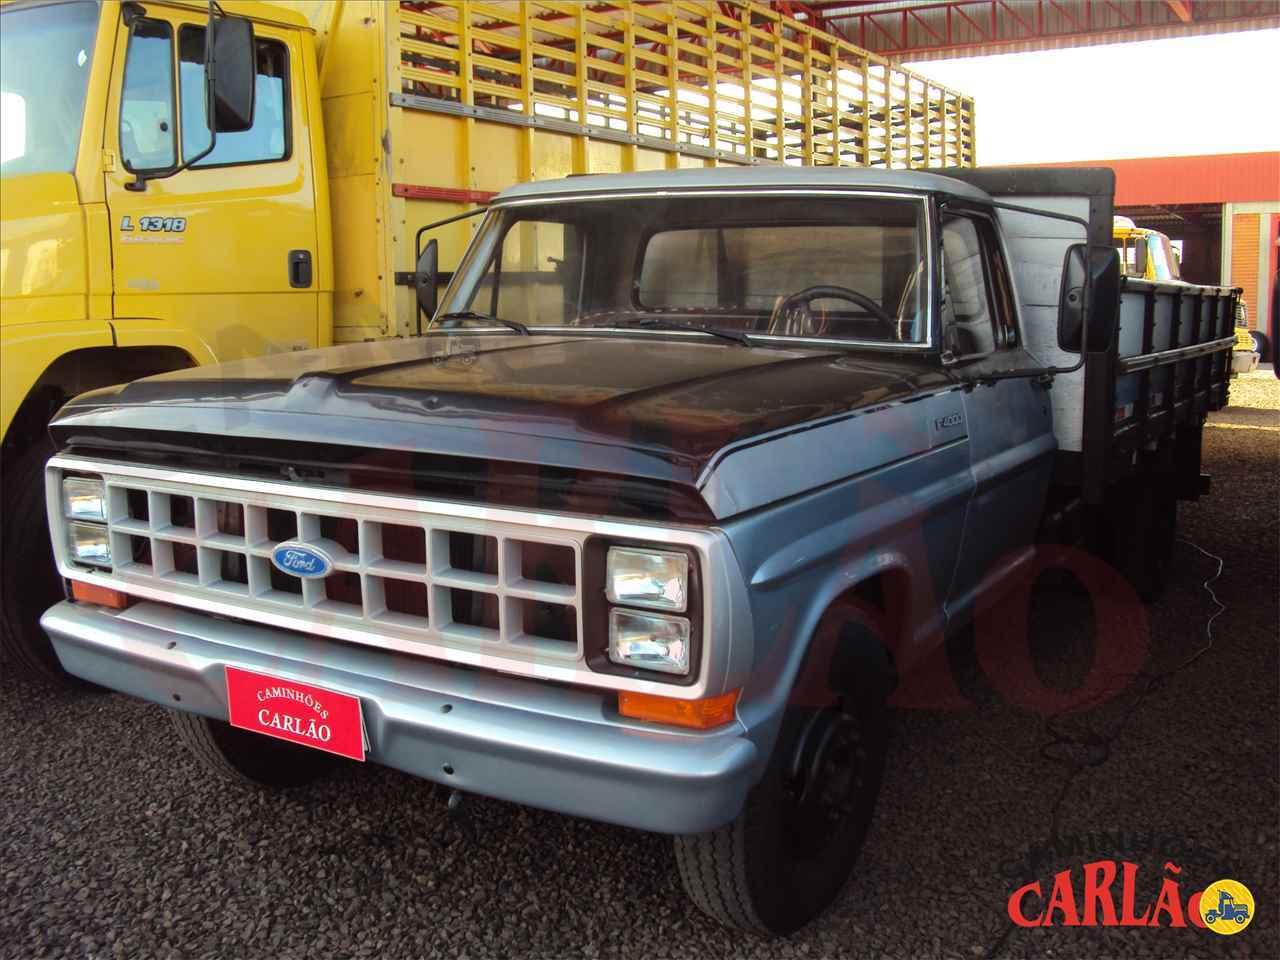 CAMINHAO FORD F4000 Carga Seca 3/4 4x2 Carlão Caminhões CARAZINHO RIO GRANDE DO SUL RS